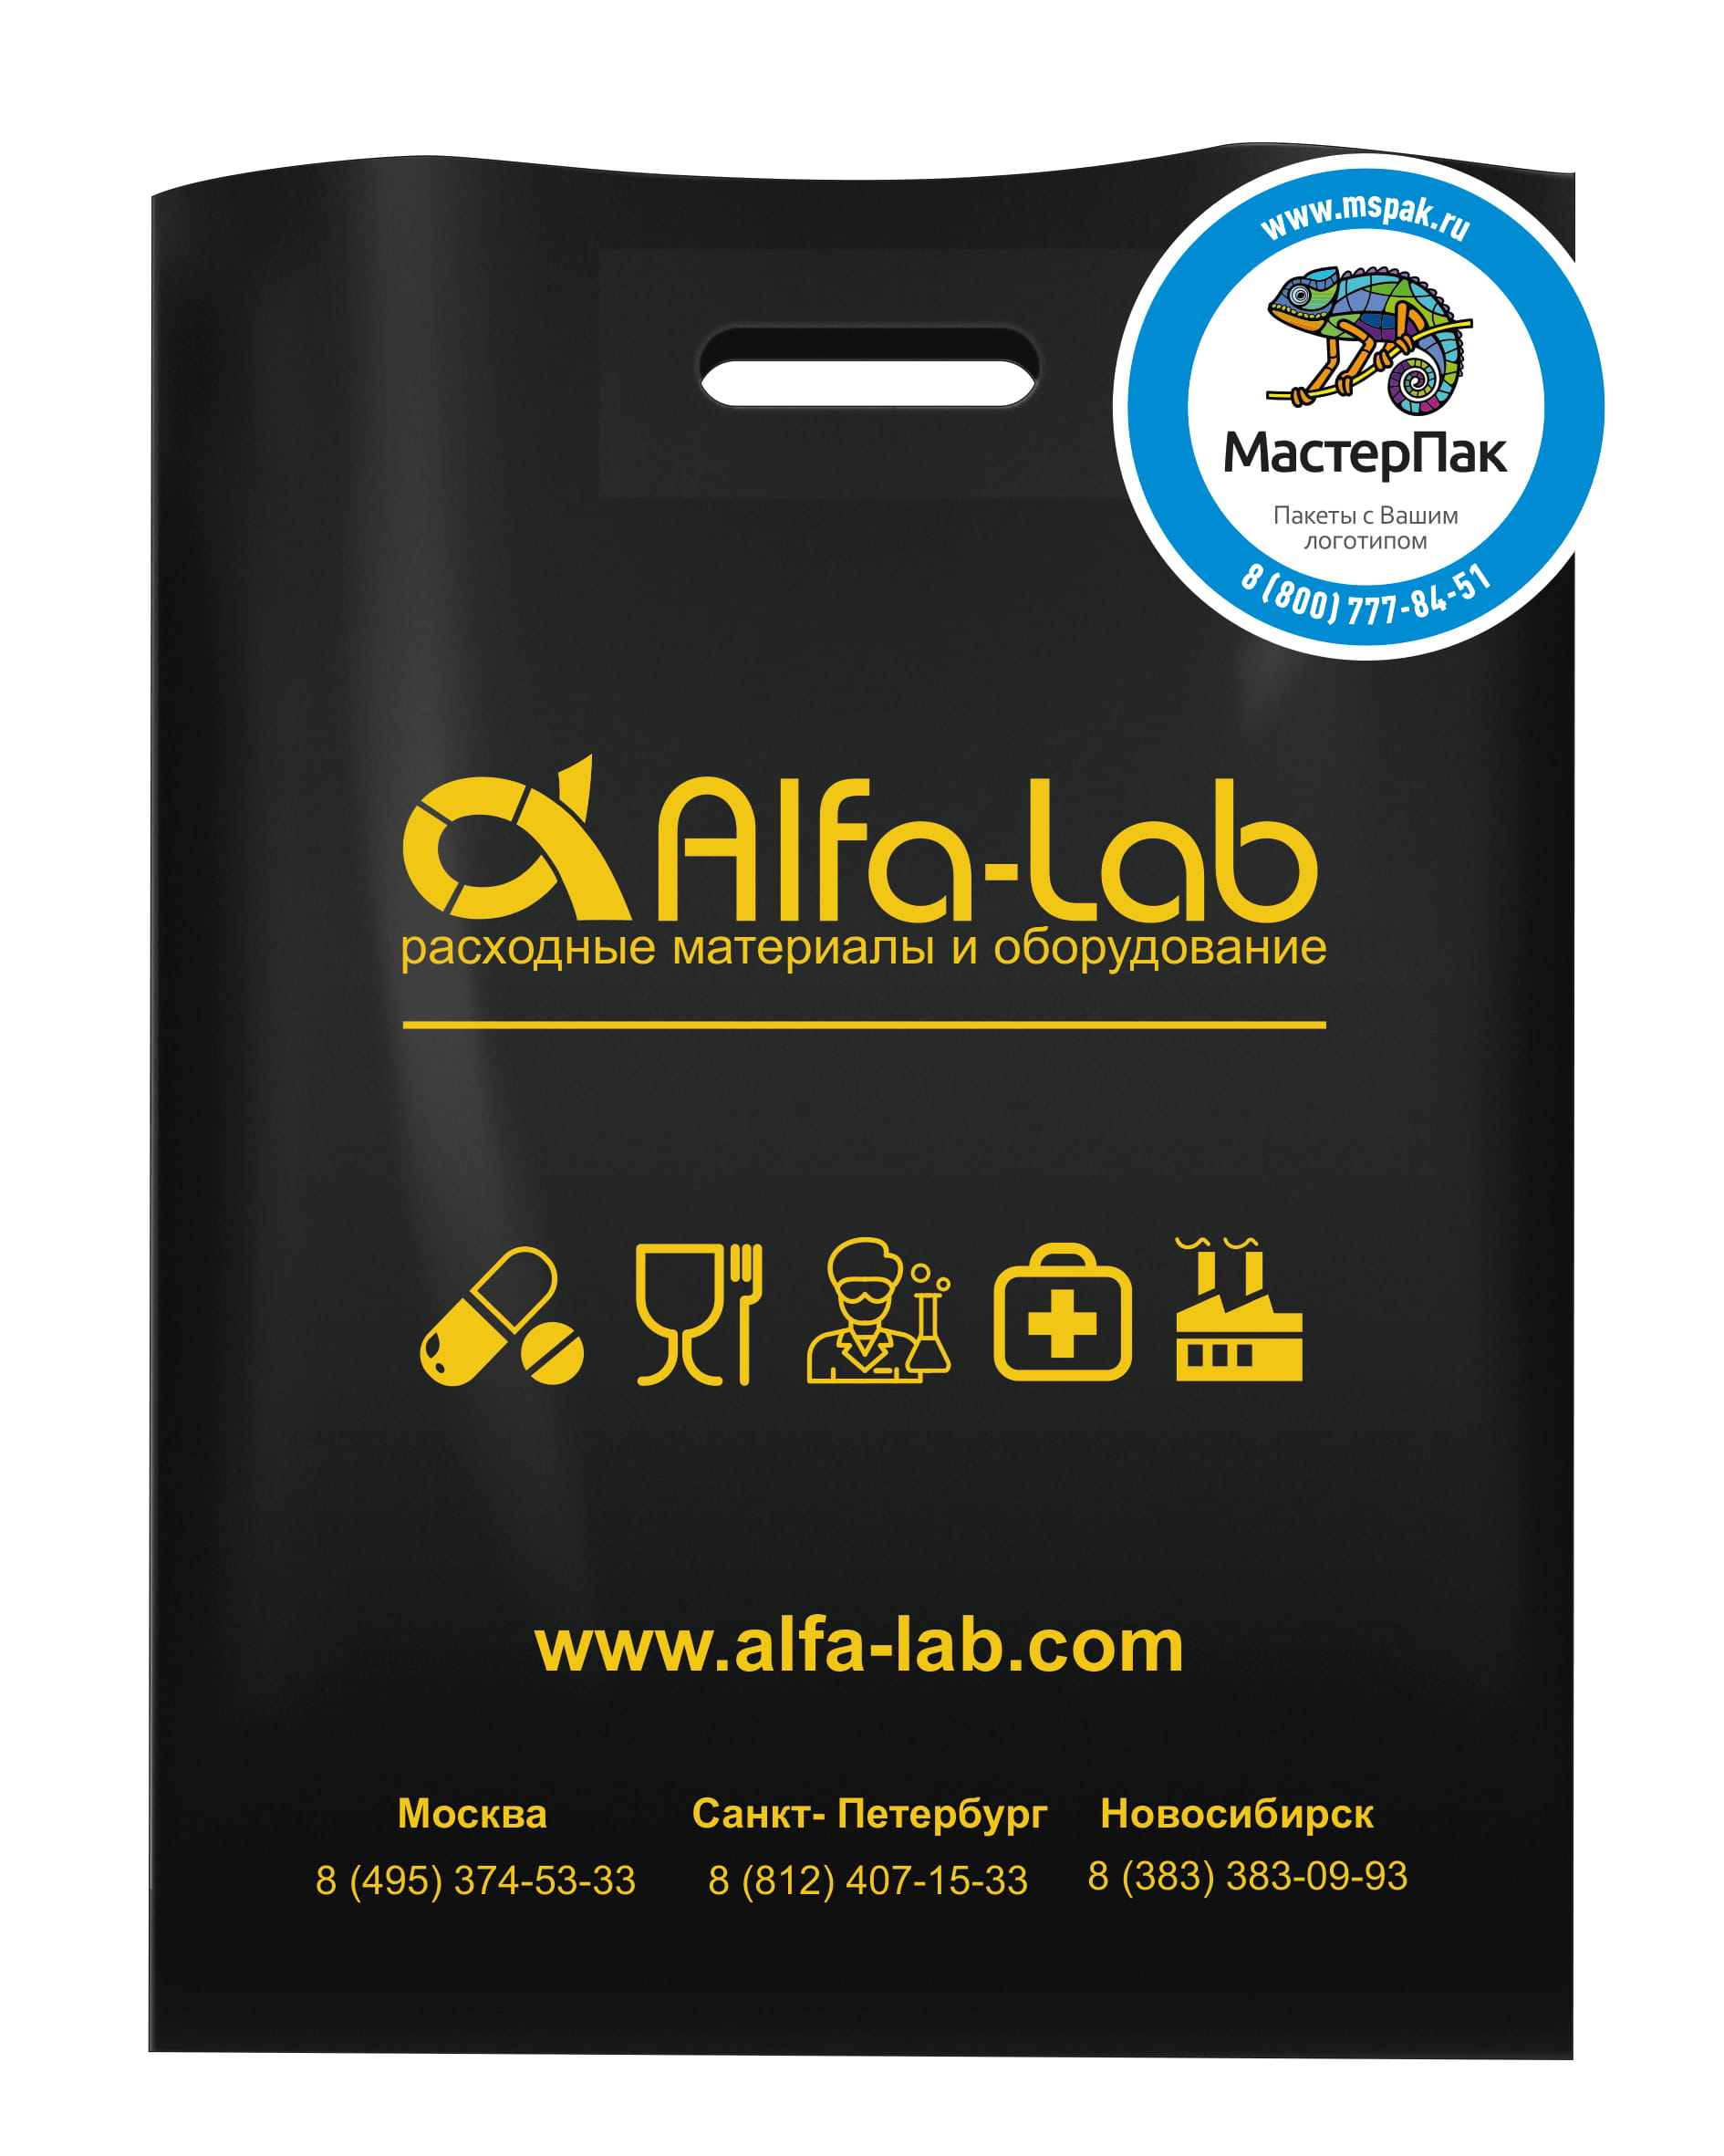 Пакет ПВД с вырубной ручной и логотипом Alfa-Lab (шелкография), 70 мкм, Москва